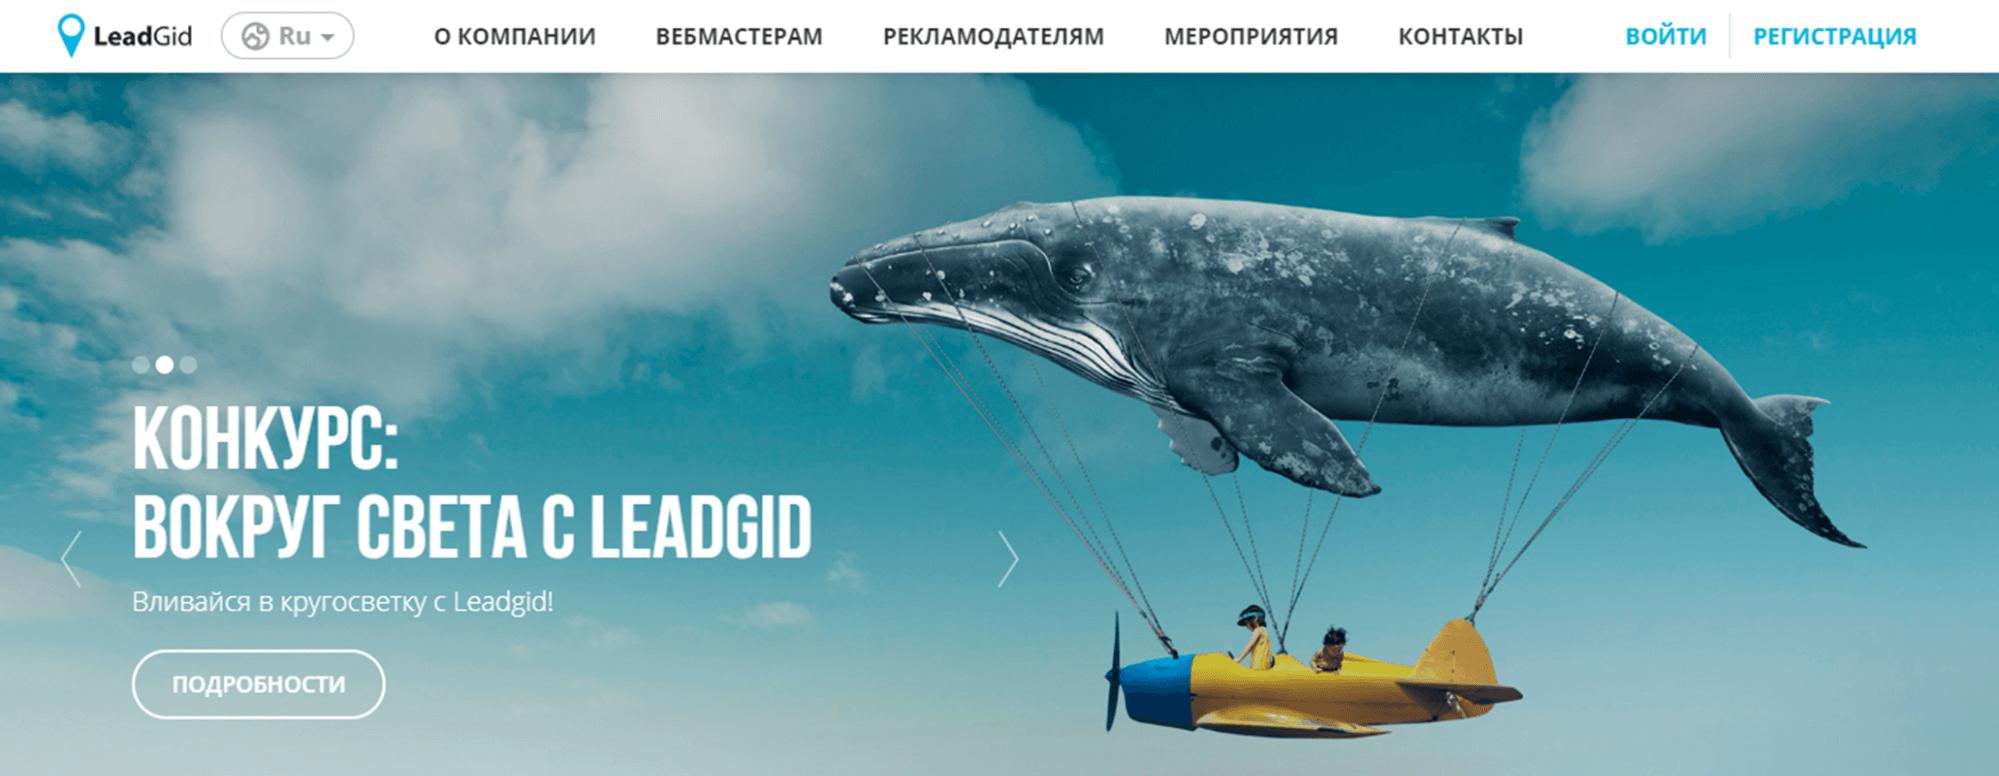 LeadGid